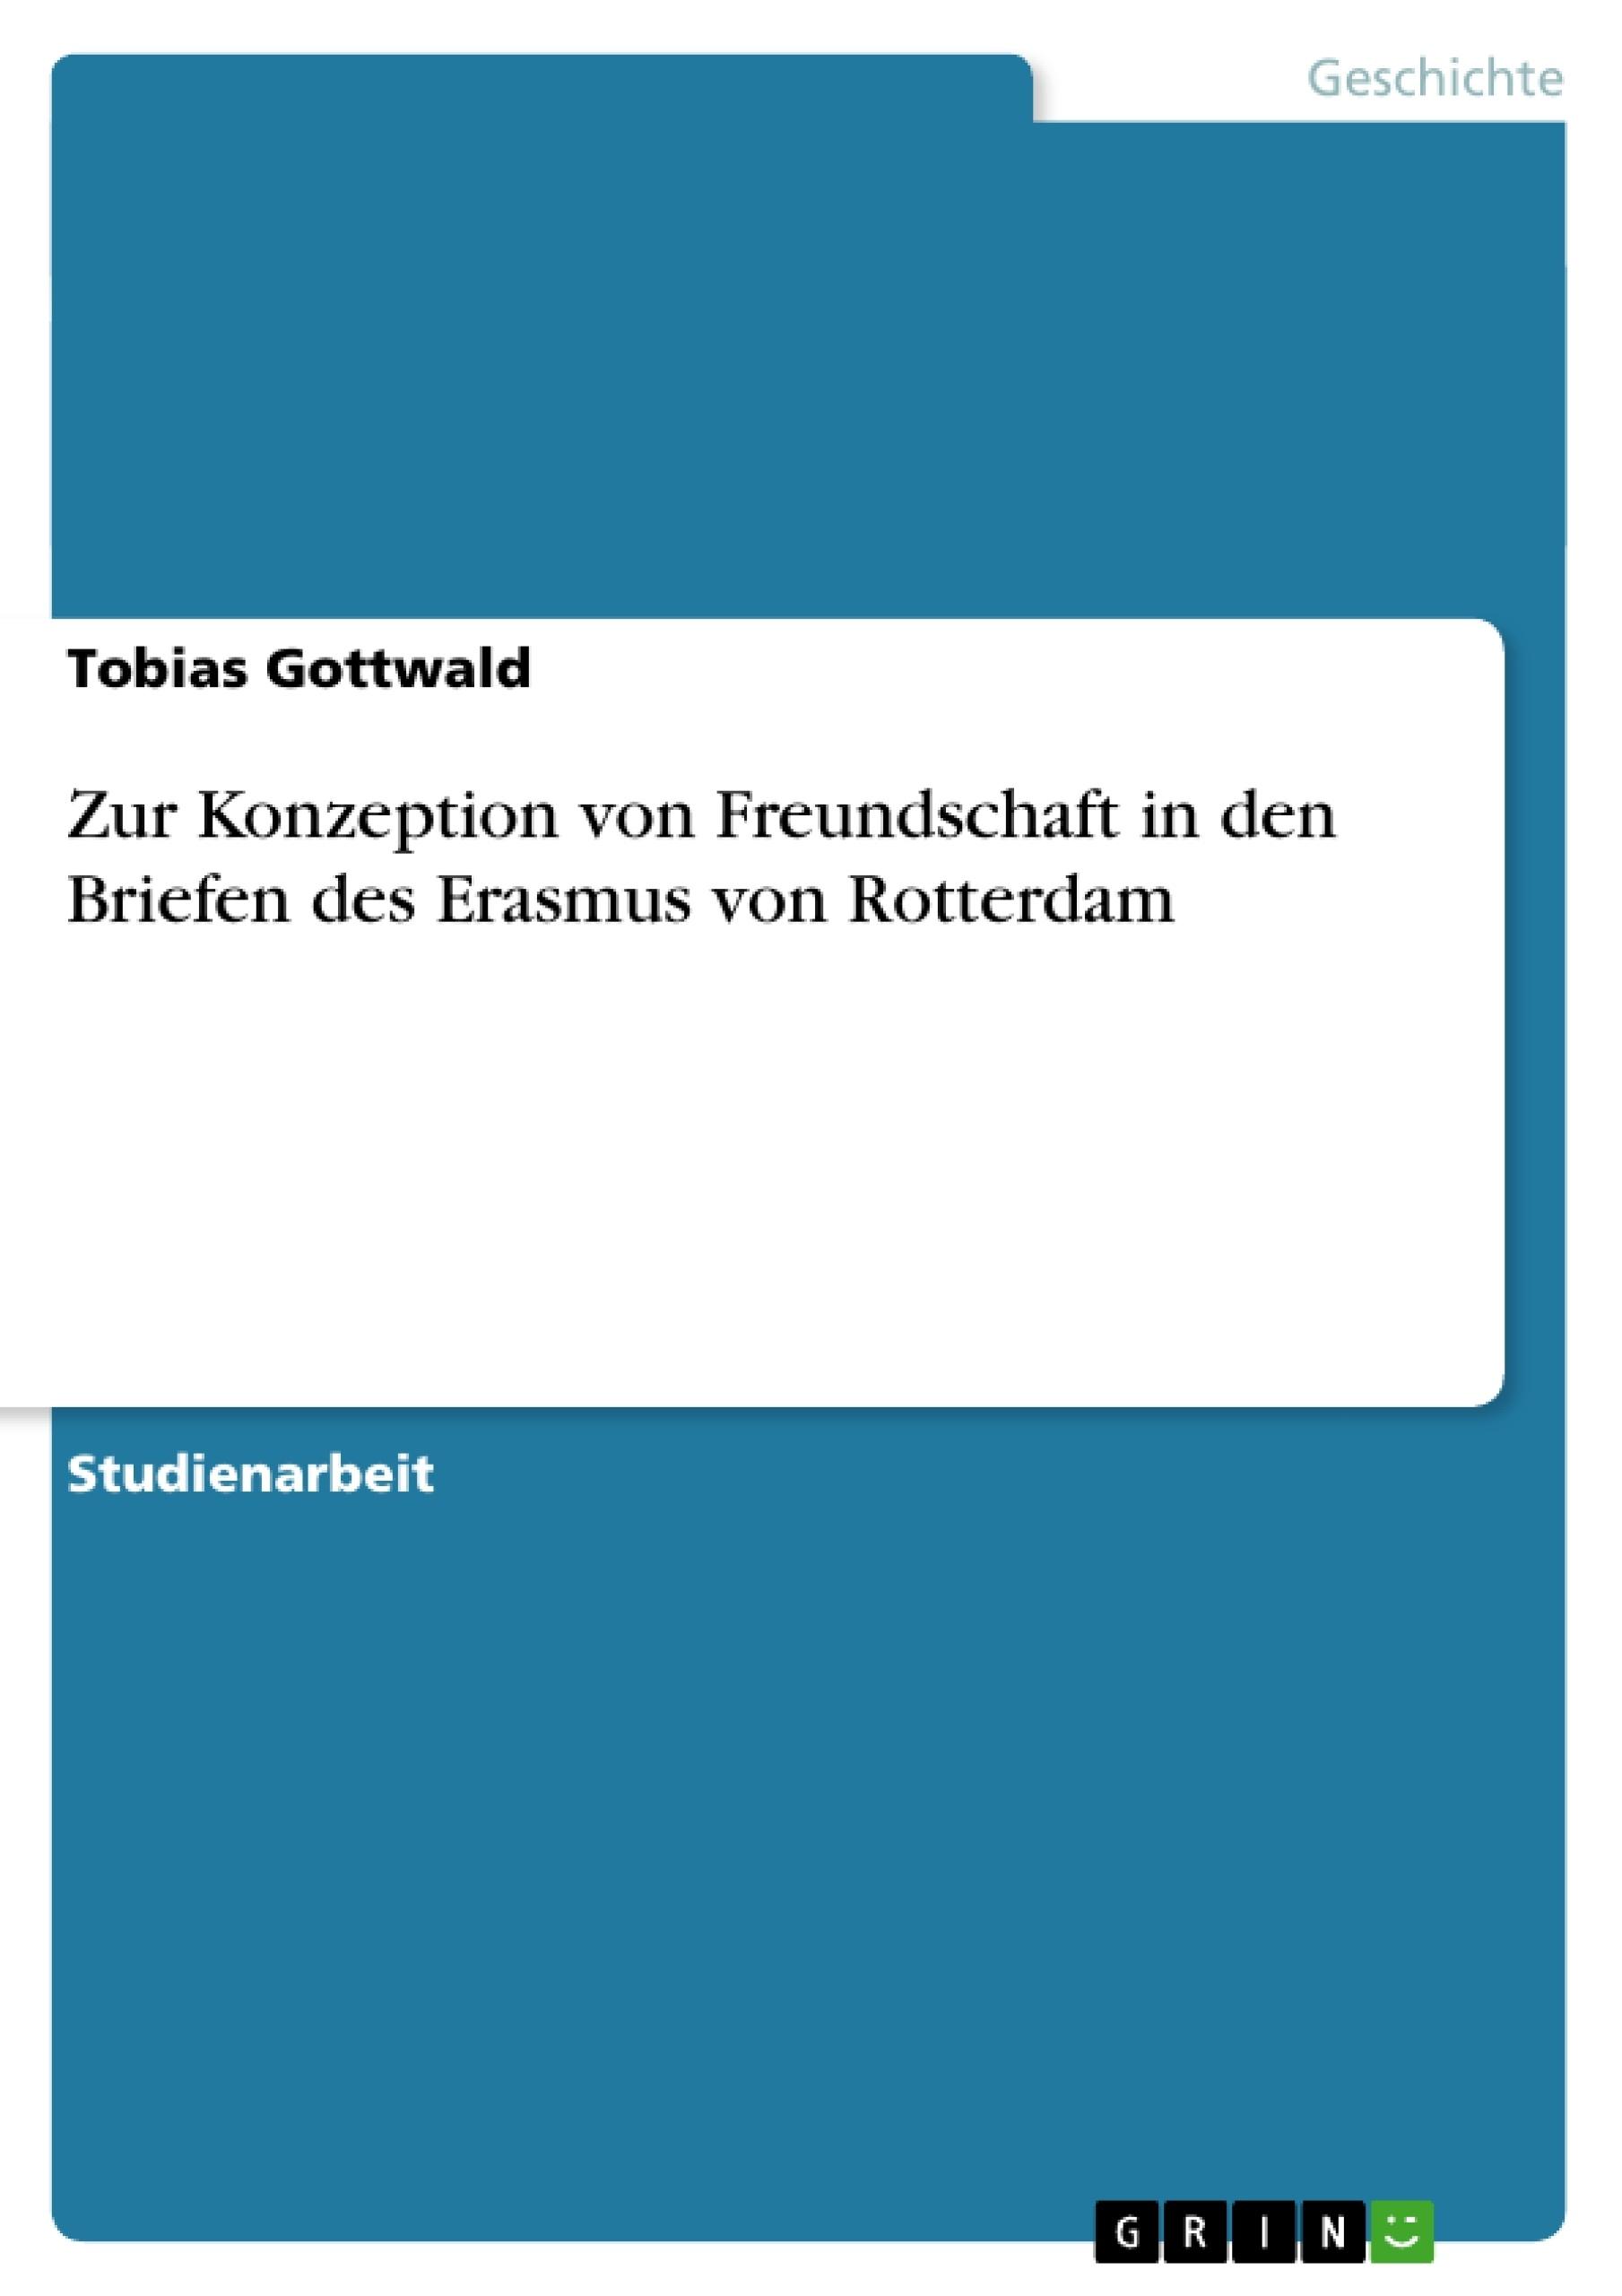 Titel: Zur Konzeption von Freundschaft in den Briefen des Erasmus von Rotterdam